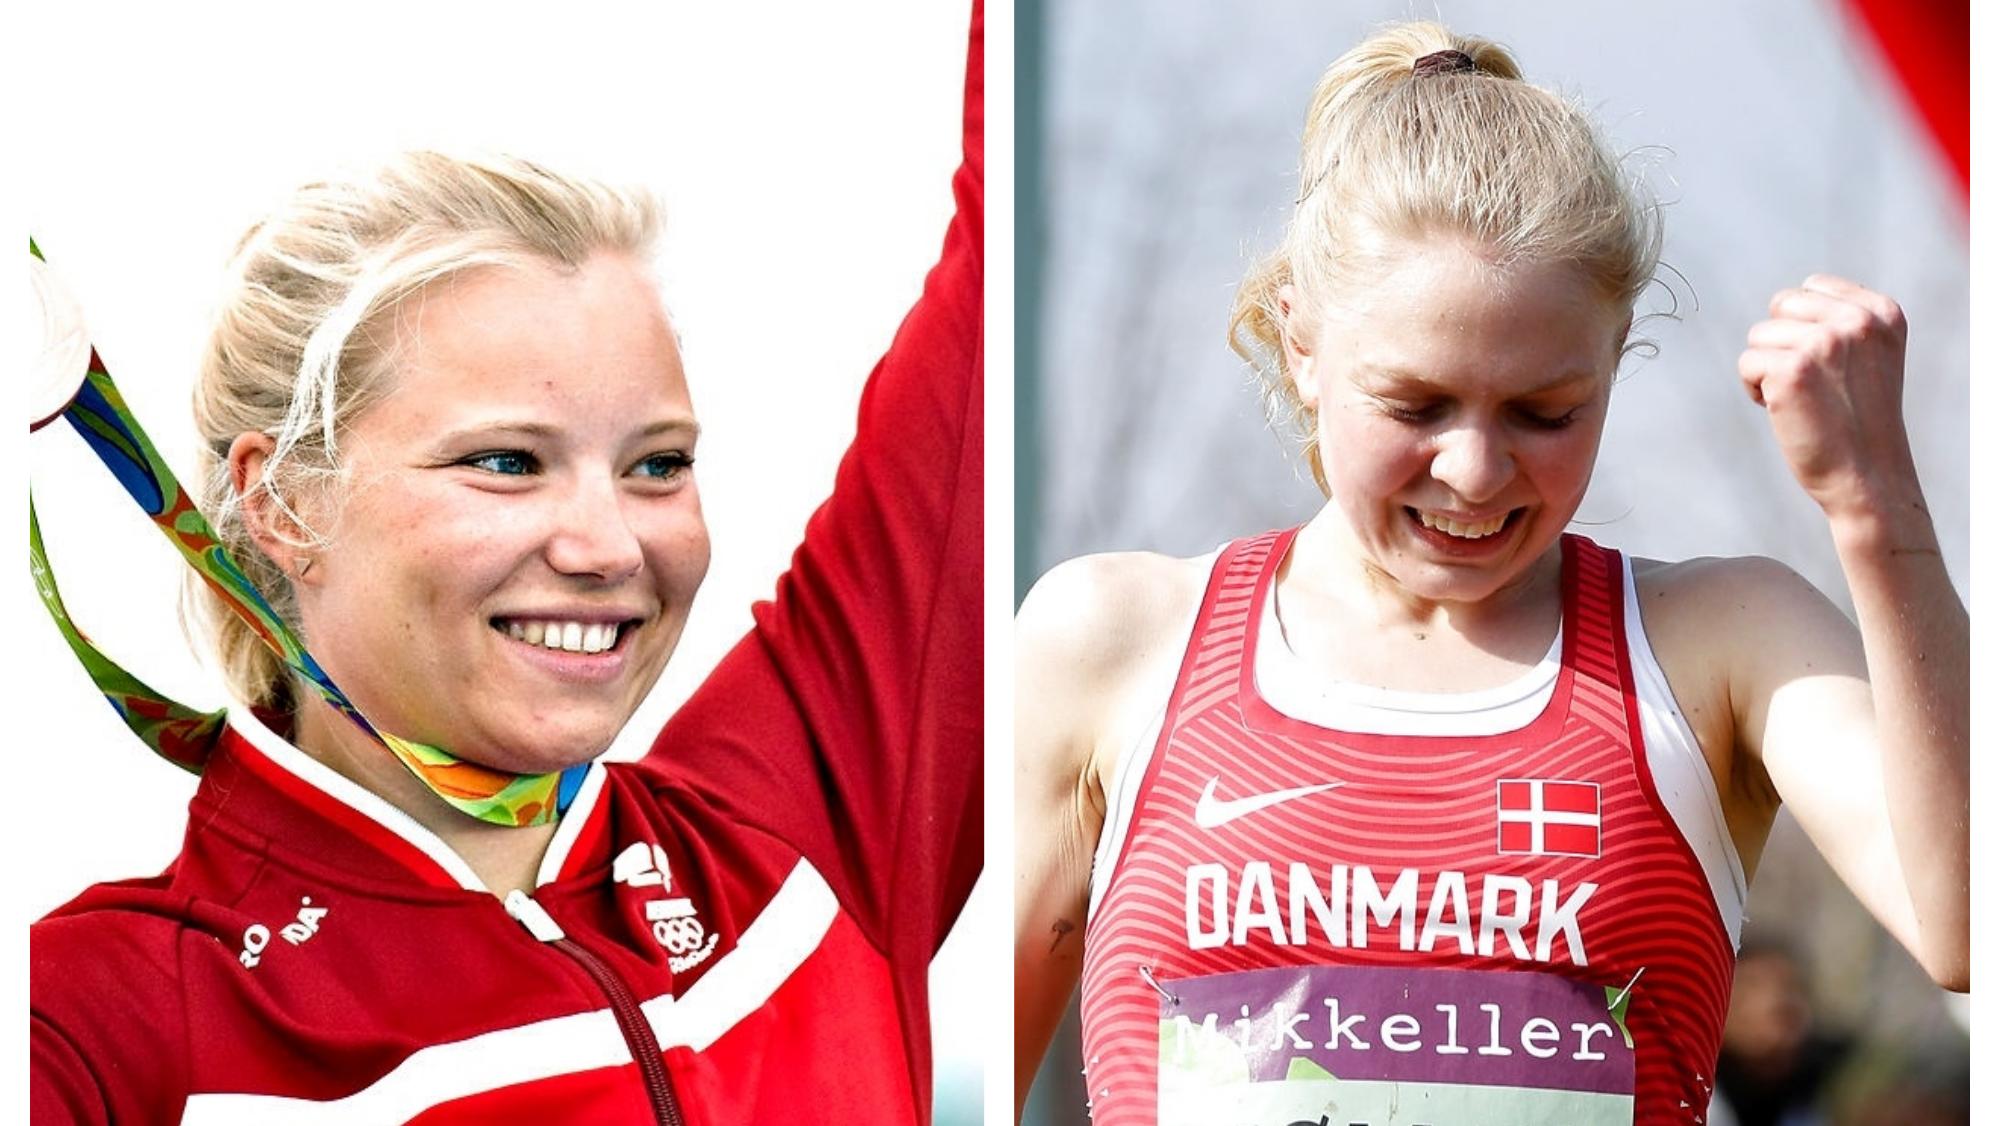 Økonomisk støtte giver OL-atleter ro i maven: 'Det er ikke rart at skulle låne penge af sine forældre'